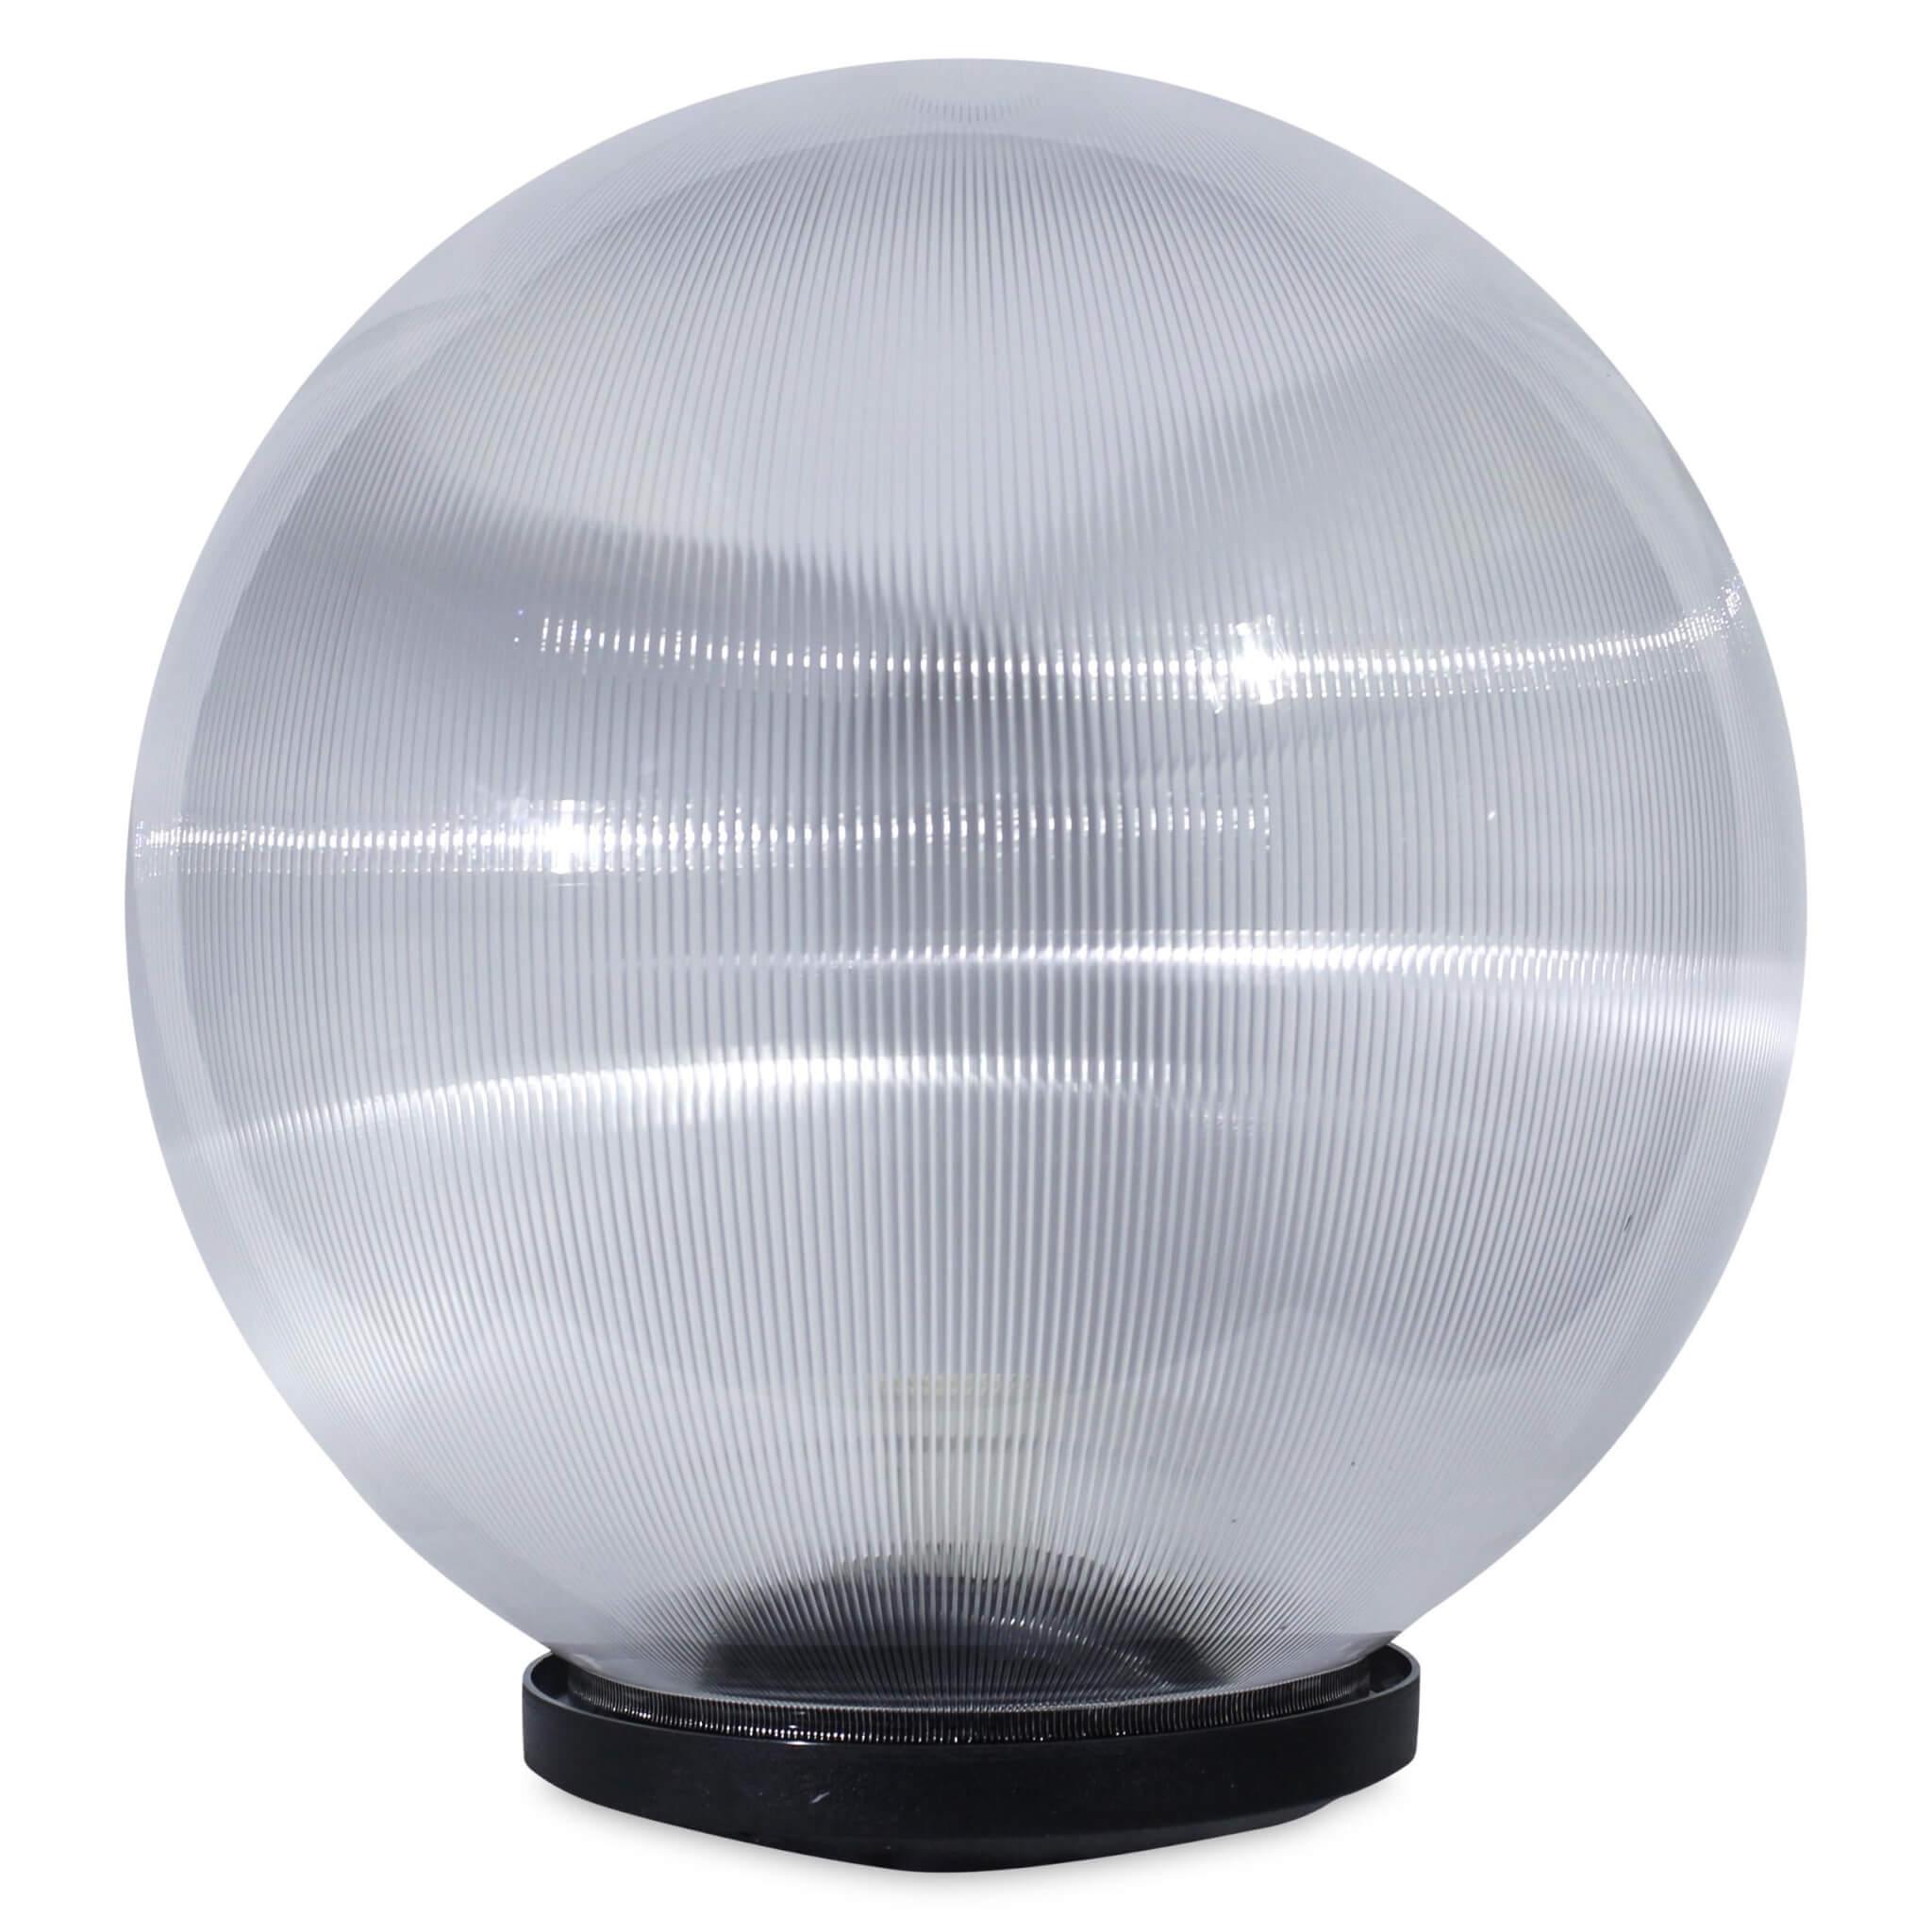 Đặc điểm nổi bật của đèn cầu sọc RIB D400